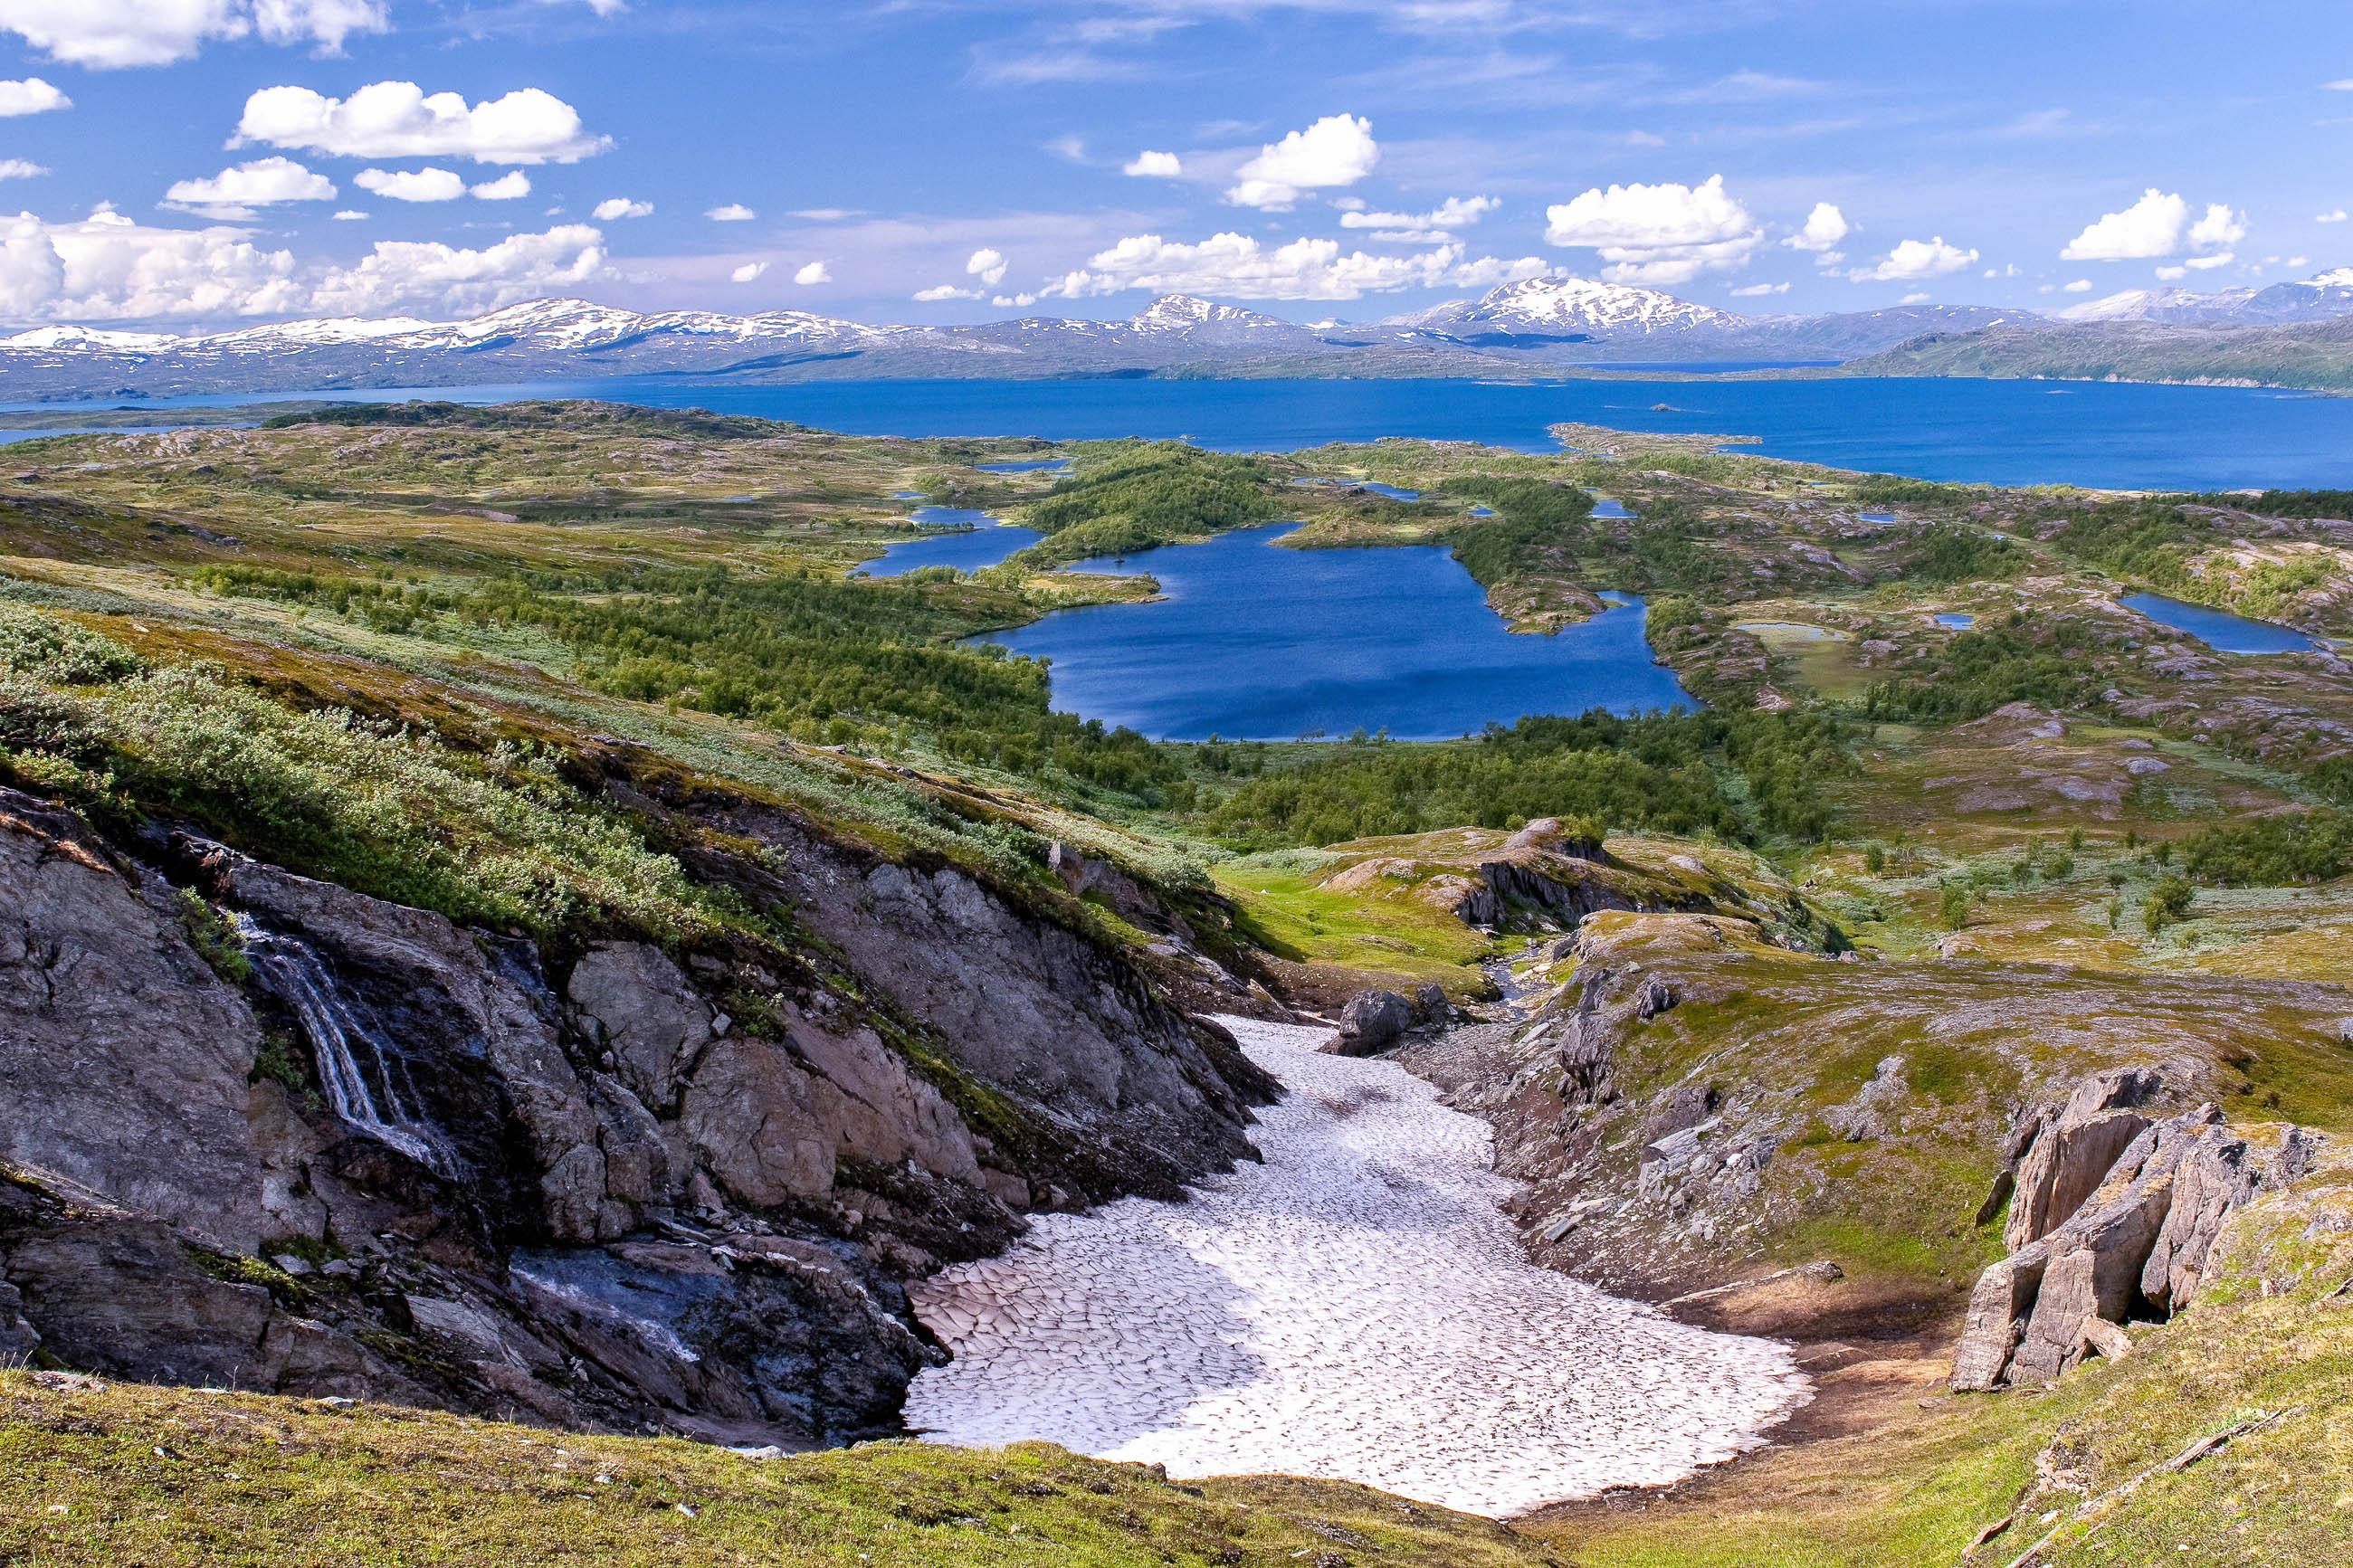 Der Virihaure im Nationalpark Padjelanta in Laponia wird oft als schönster See Schwedens bezeichnet - © BildagenturZoonarGmbH/Shutterstock